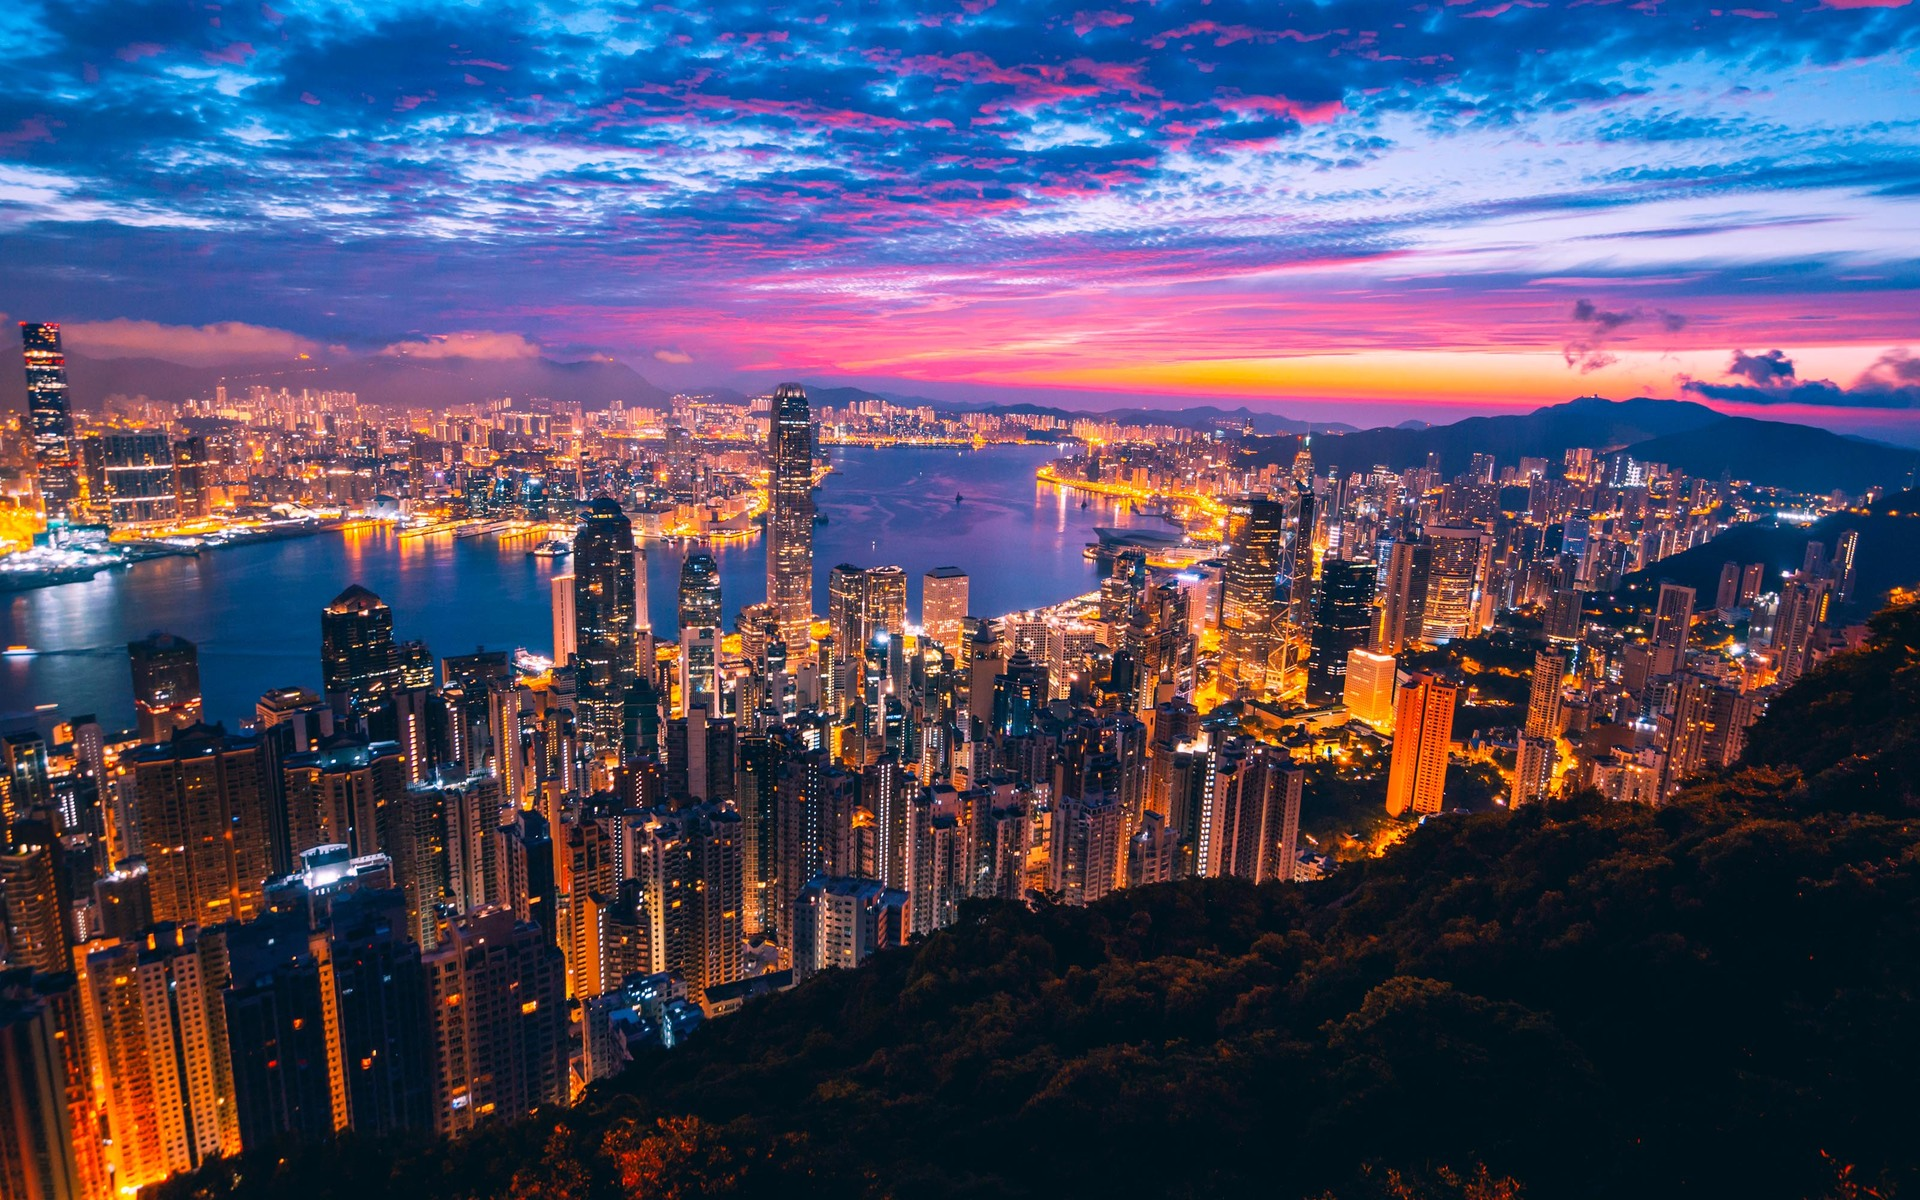 Hình ảnh Hồng Kông chiều chạng vạng đẹp nhất